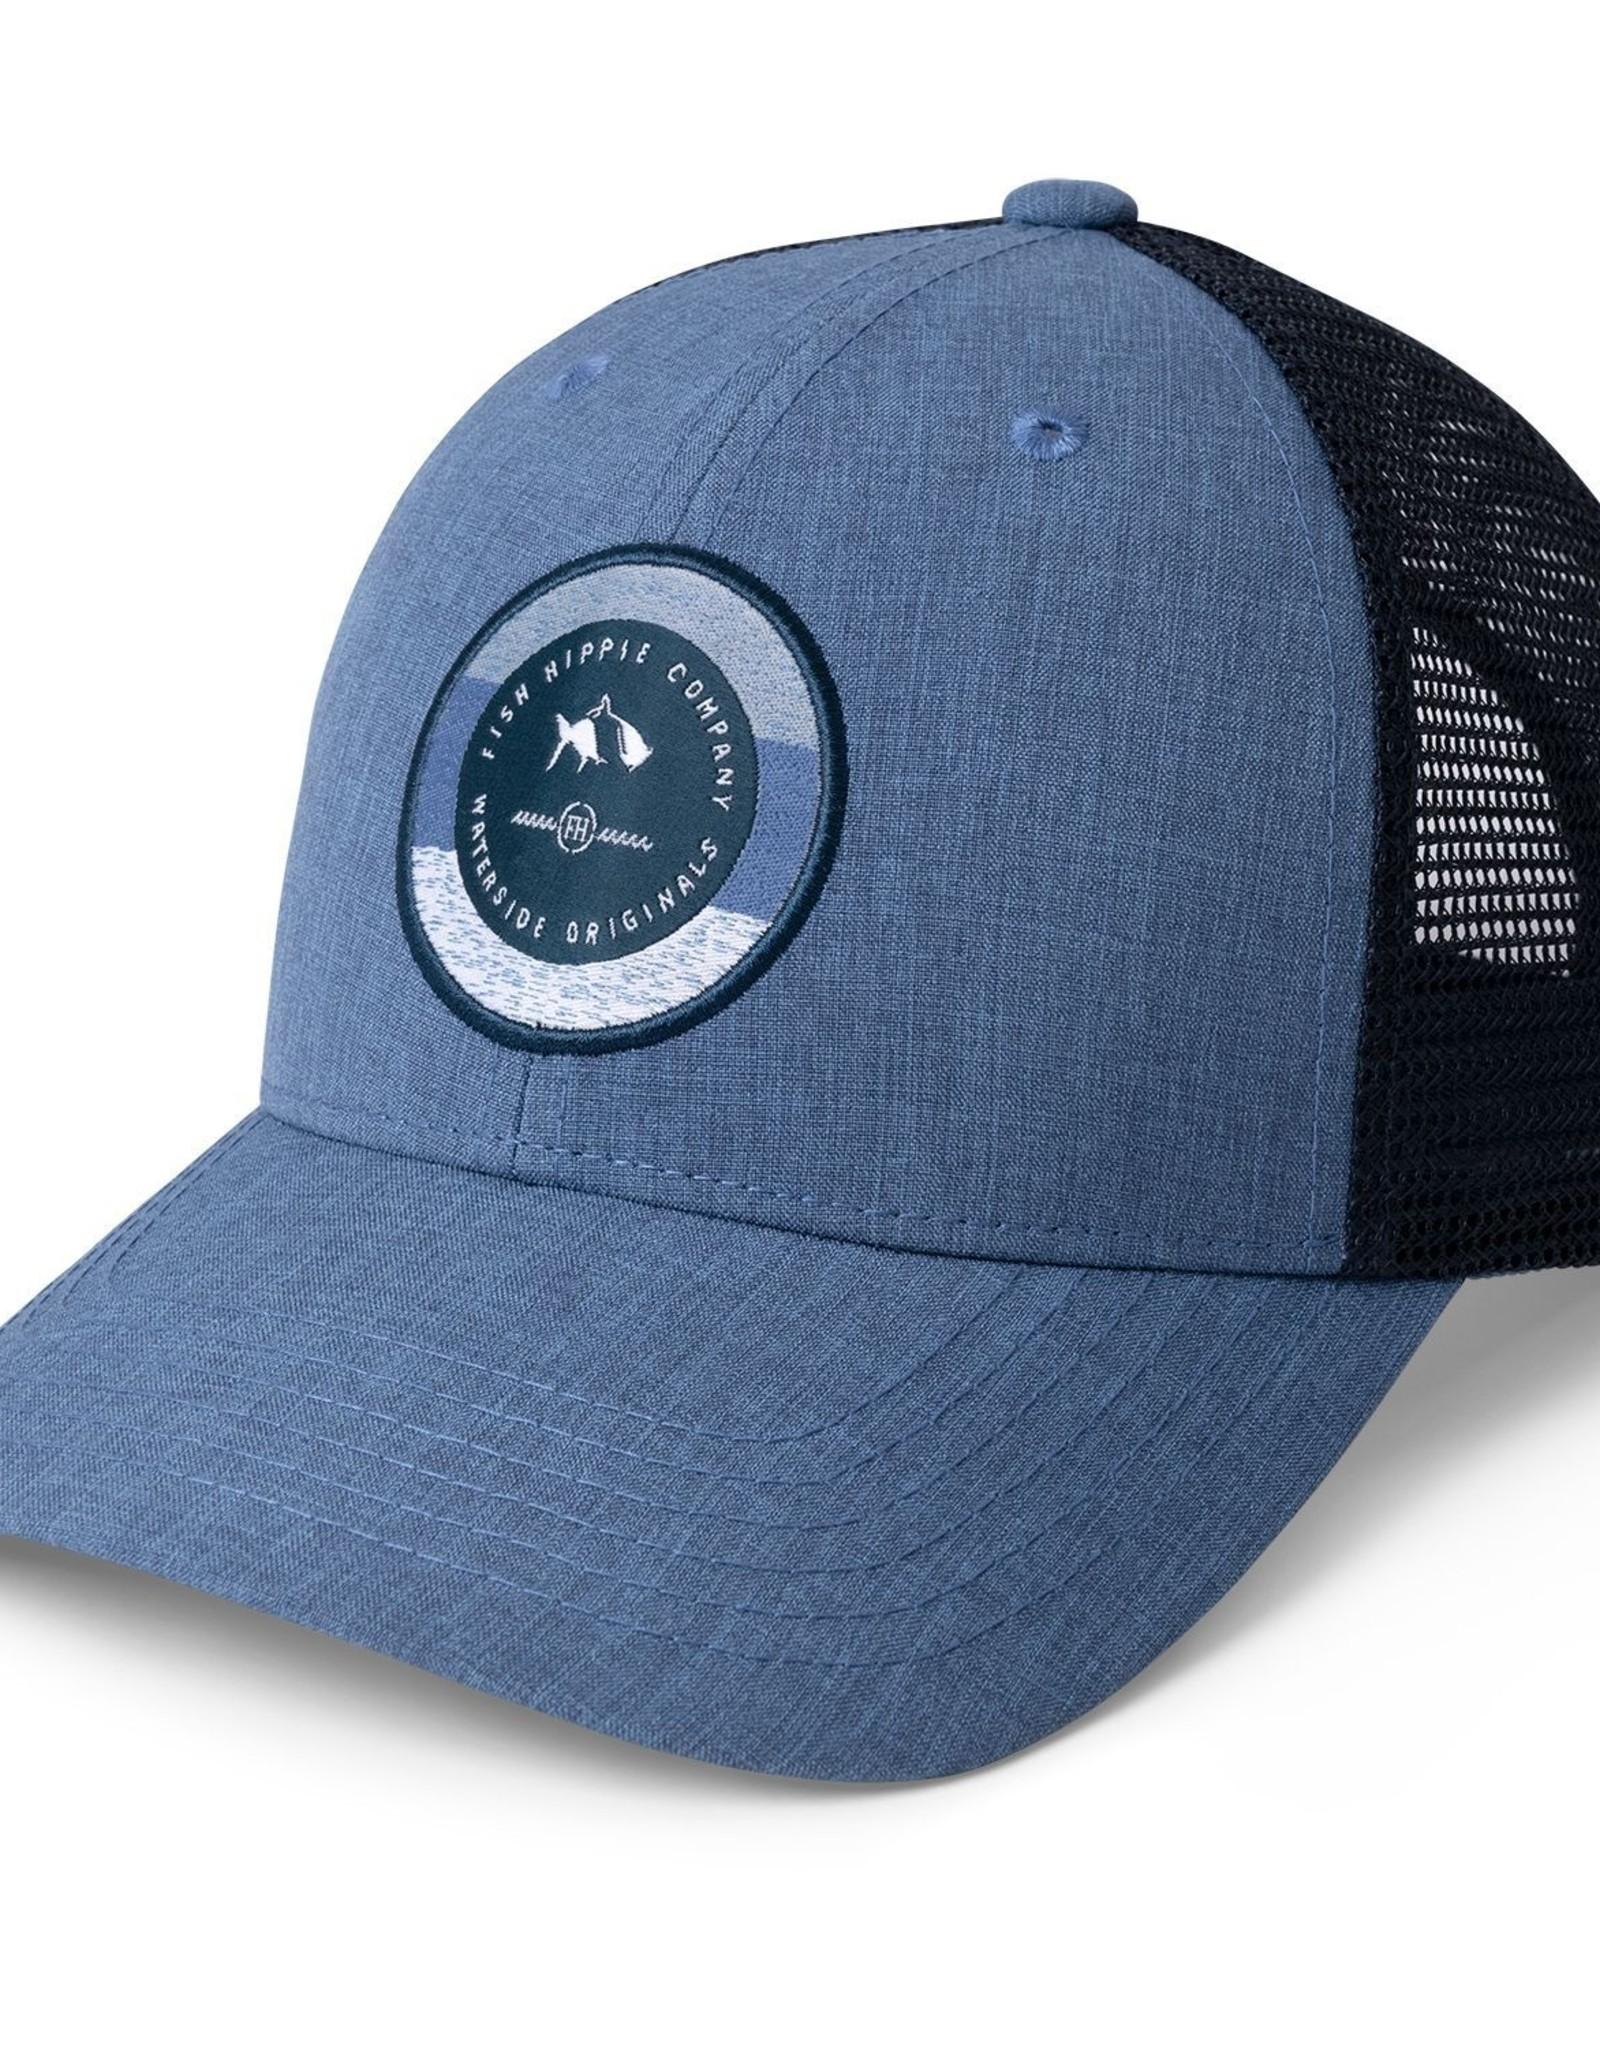 Fish Hippie Informer Trucker Hat